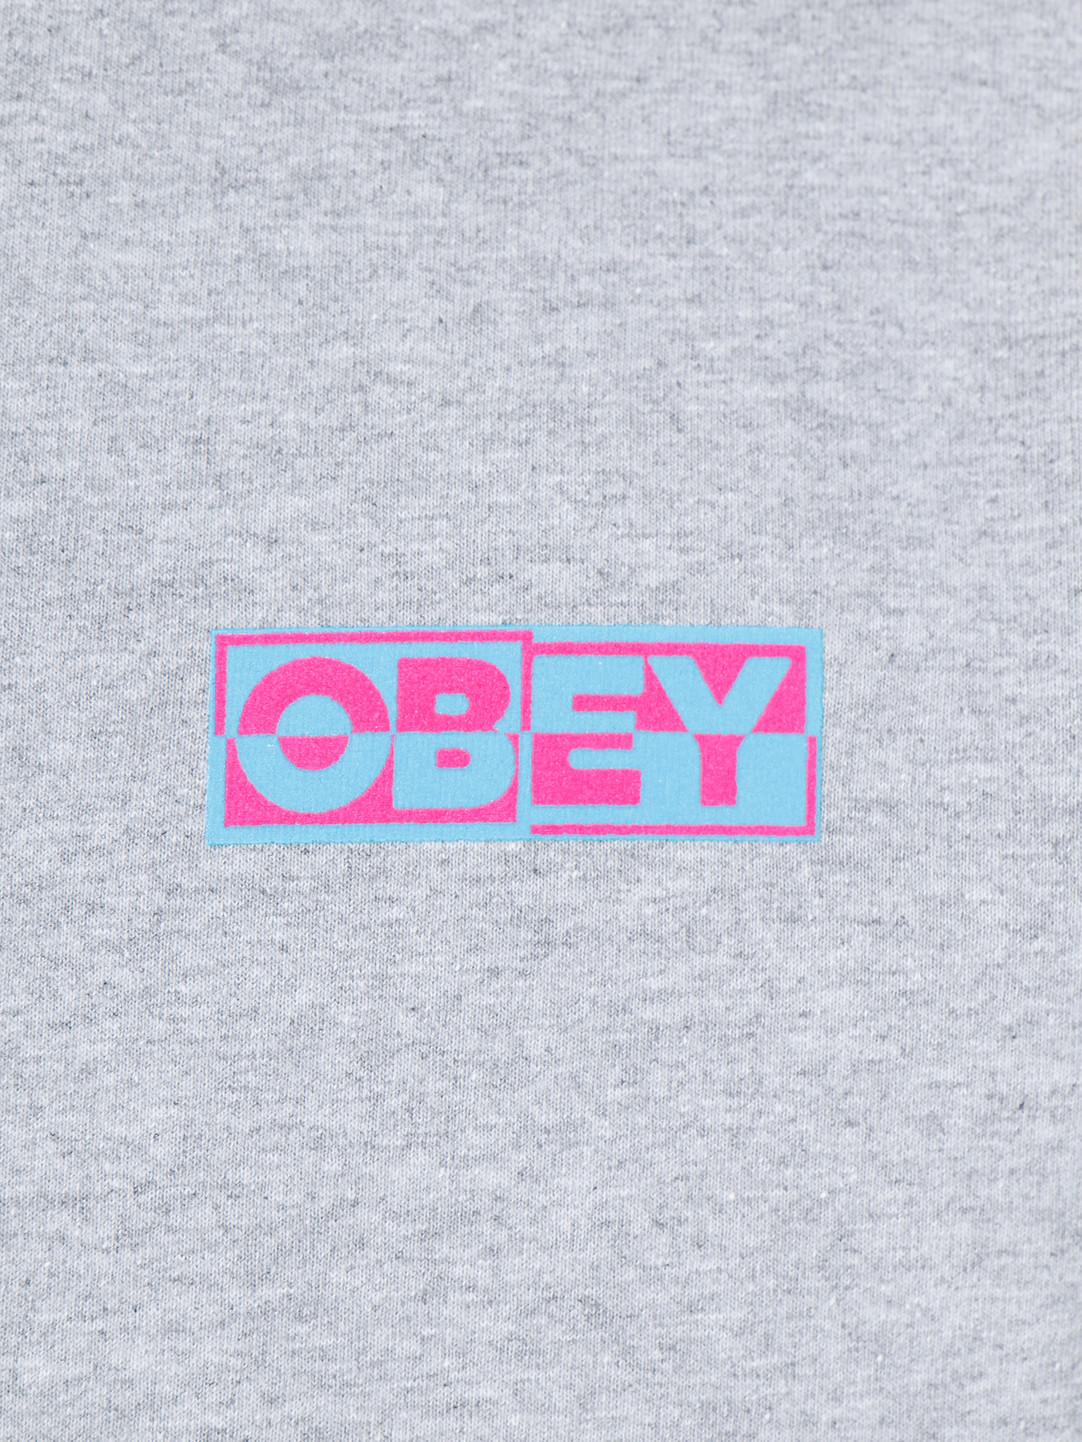 Obey Obey Inside Out Longsleeve Heather Grey 164901966-HEA